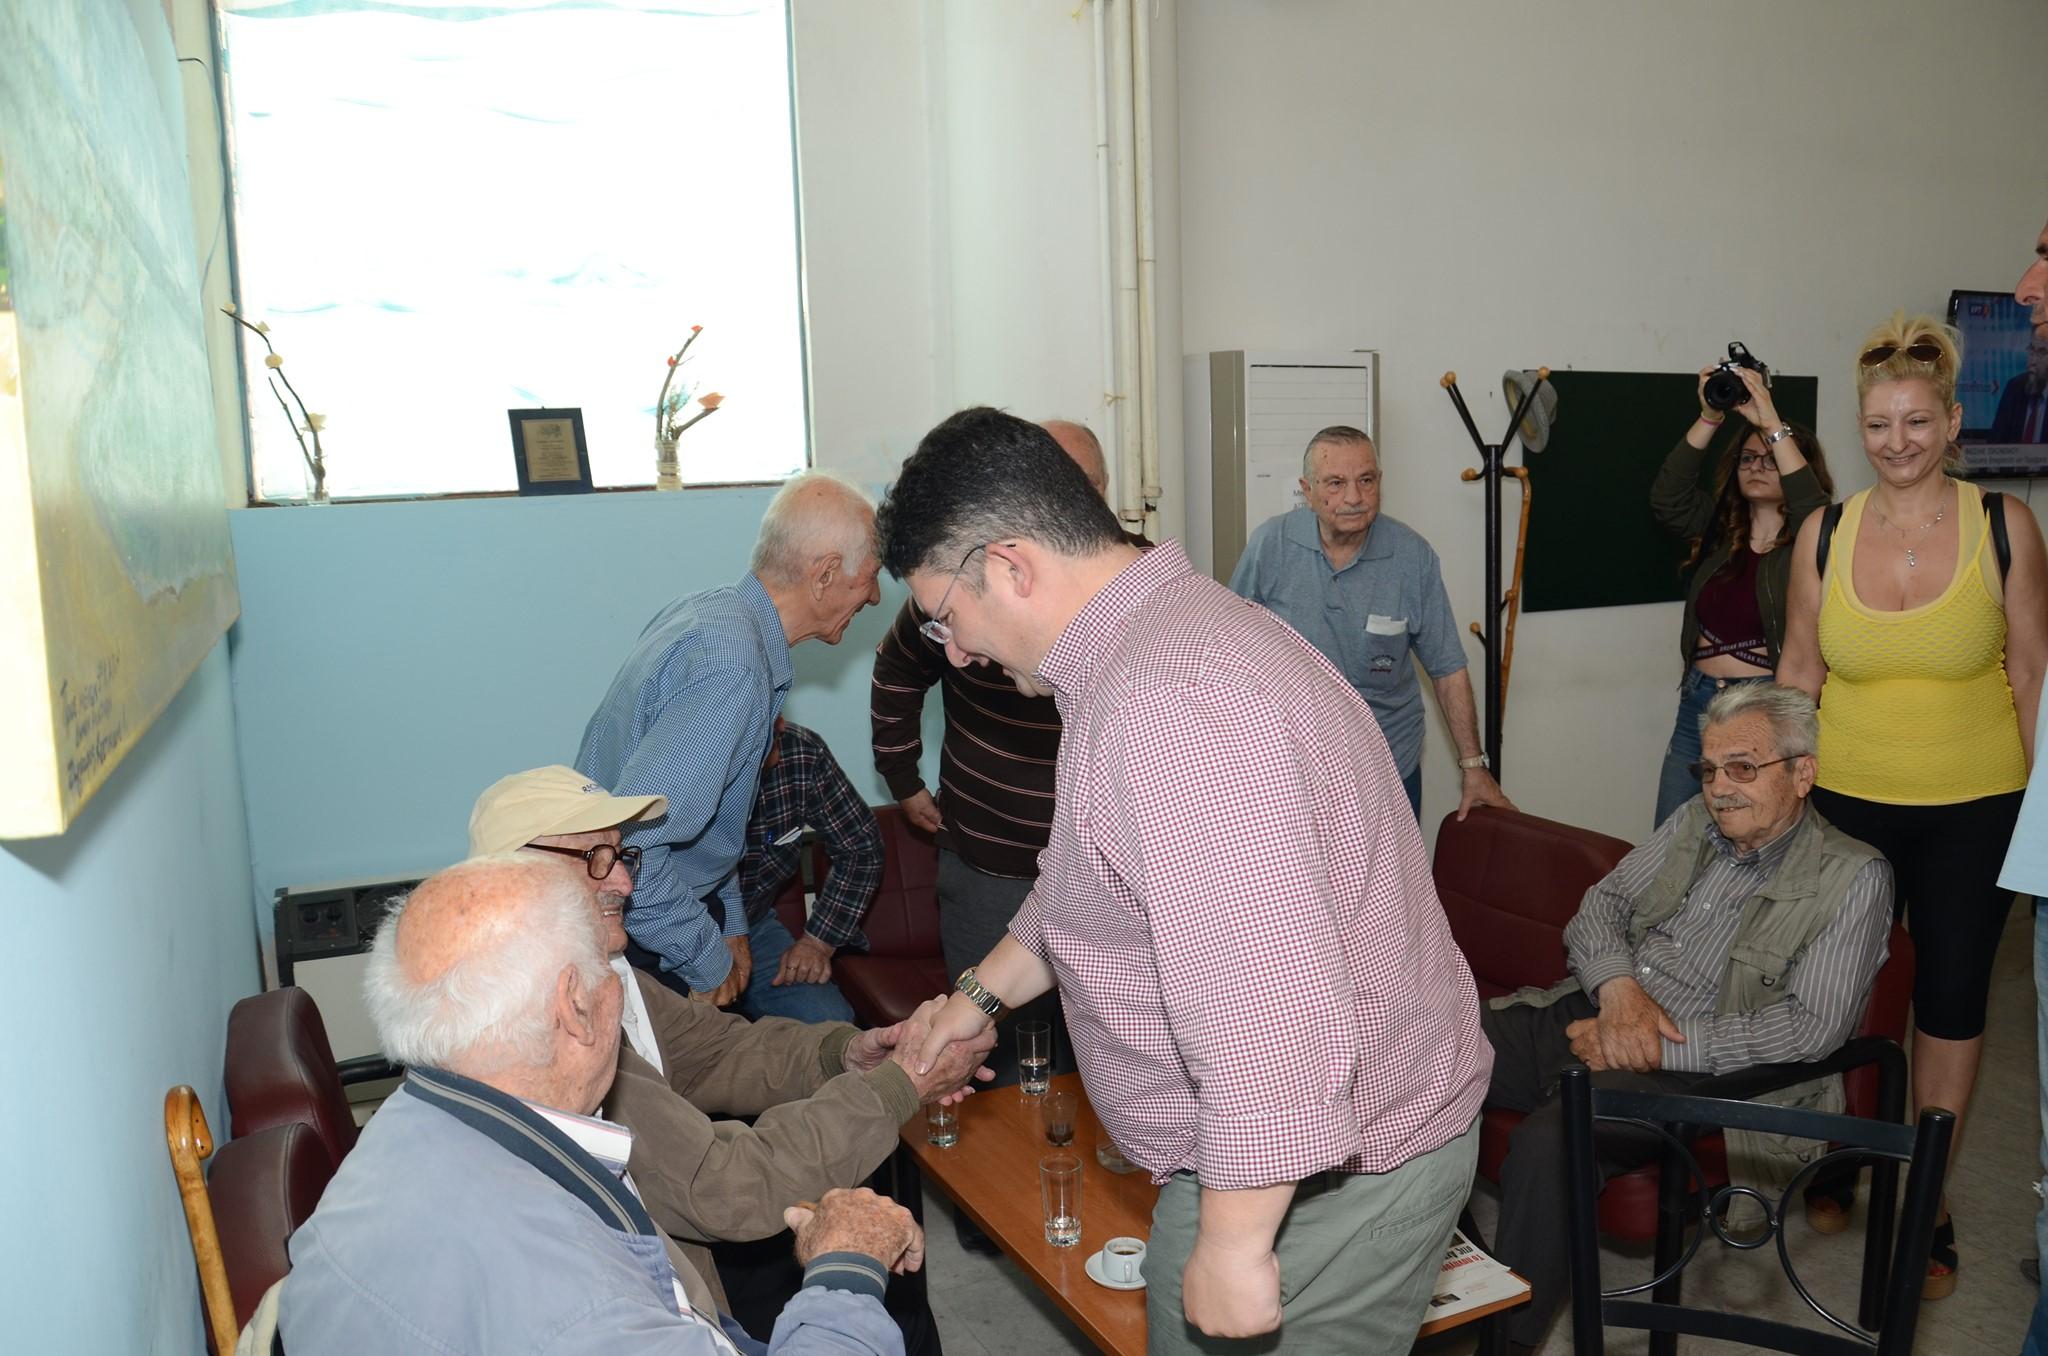 Τις υπηρεσίες του Δήμου επισκέφθηκε ο υποψήφιος Δήμαρχος Αχαρνών Σπύρος Βρεττός